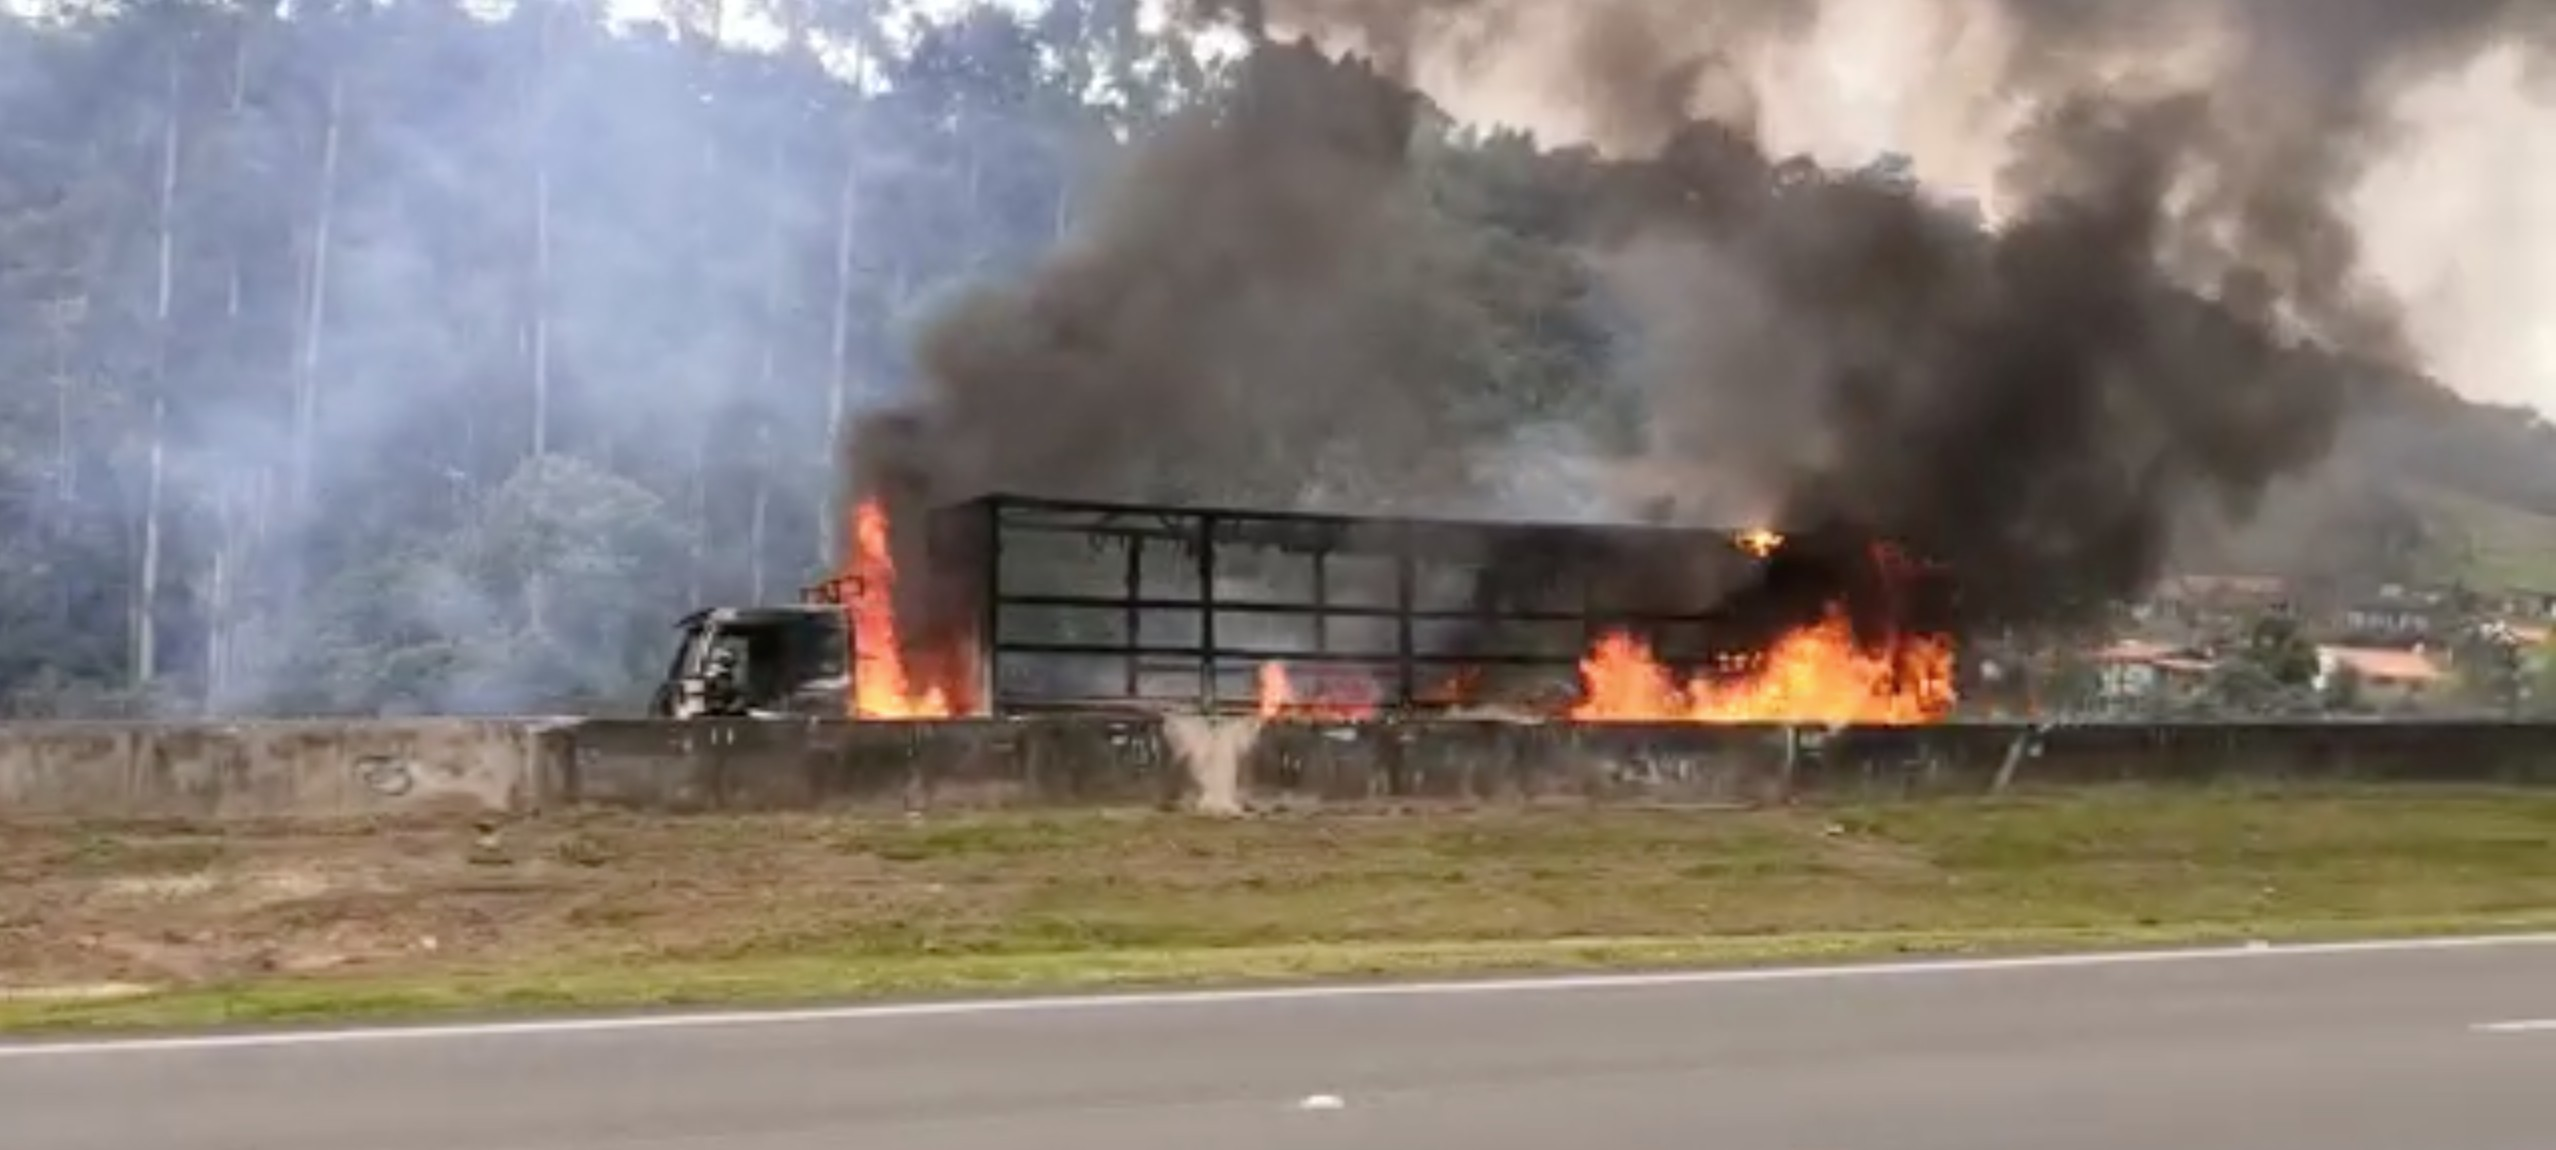 Caminhão pega fogo e interdita rodovia Dom Pedro I em Nazaré Paulista, SP